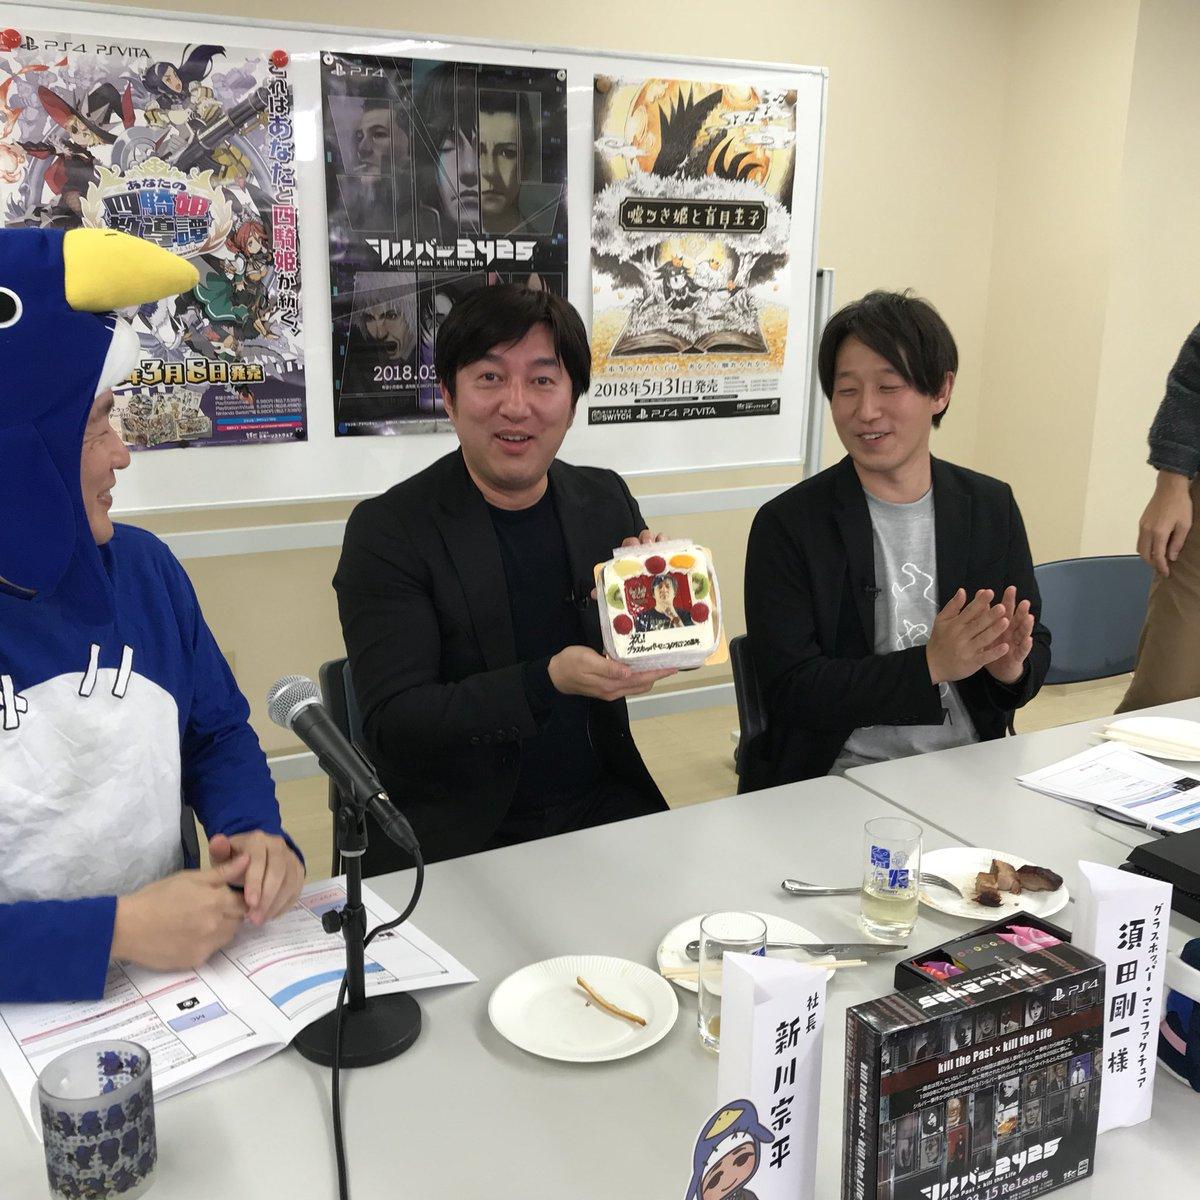 test ツイッターメディア - 須田剛一@suda_51 出演「シルバー2425」発売直前特集「ゆるいち」をご覧くださった皆さん、ありがとうございました。また、日本一ソフトウェアの皆さん、お祝いのケーキまでご用意頂きありがとうございました! https://t.co/Od52FXwKSH